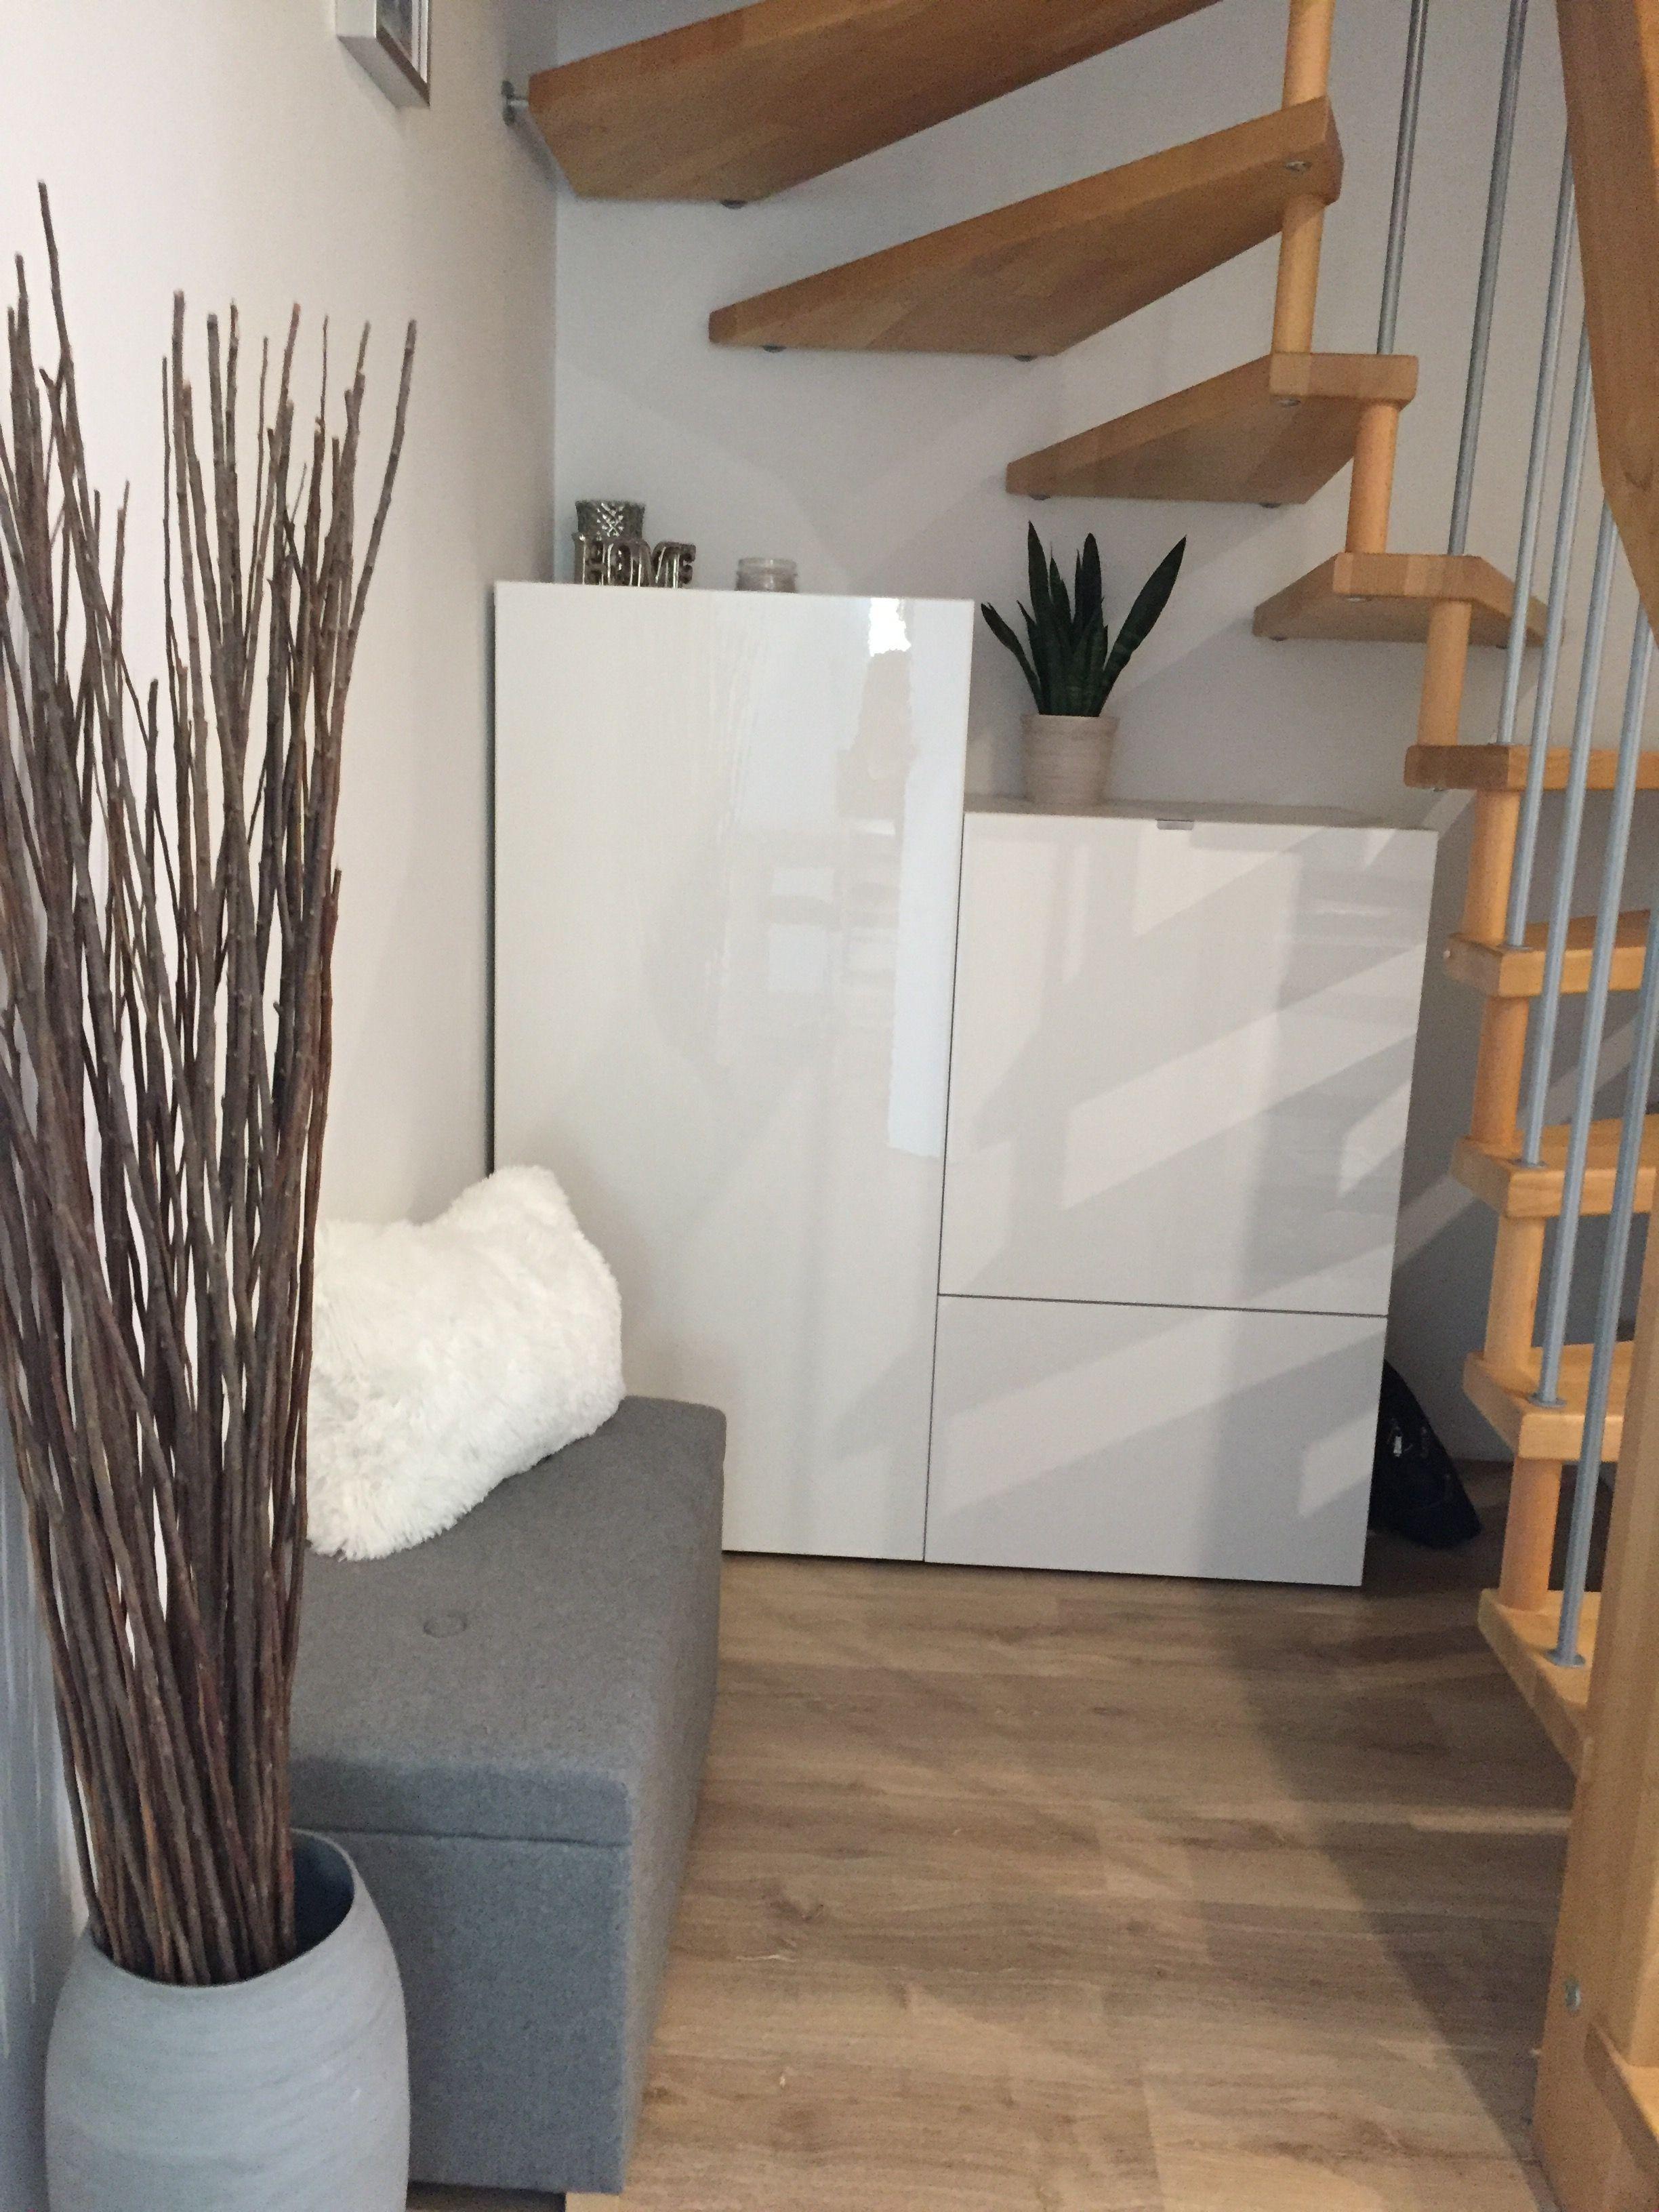 Garderobe Und Sitzecke Unter Offener Treppe Offene Treppe Sitzecke Wohnung Einrichten Ideen